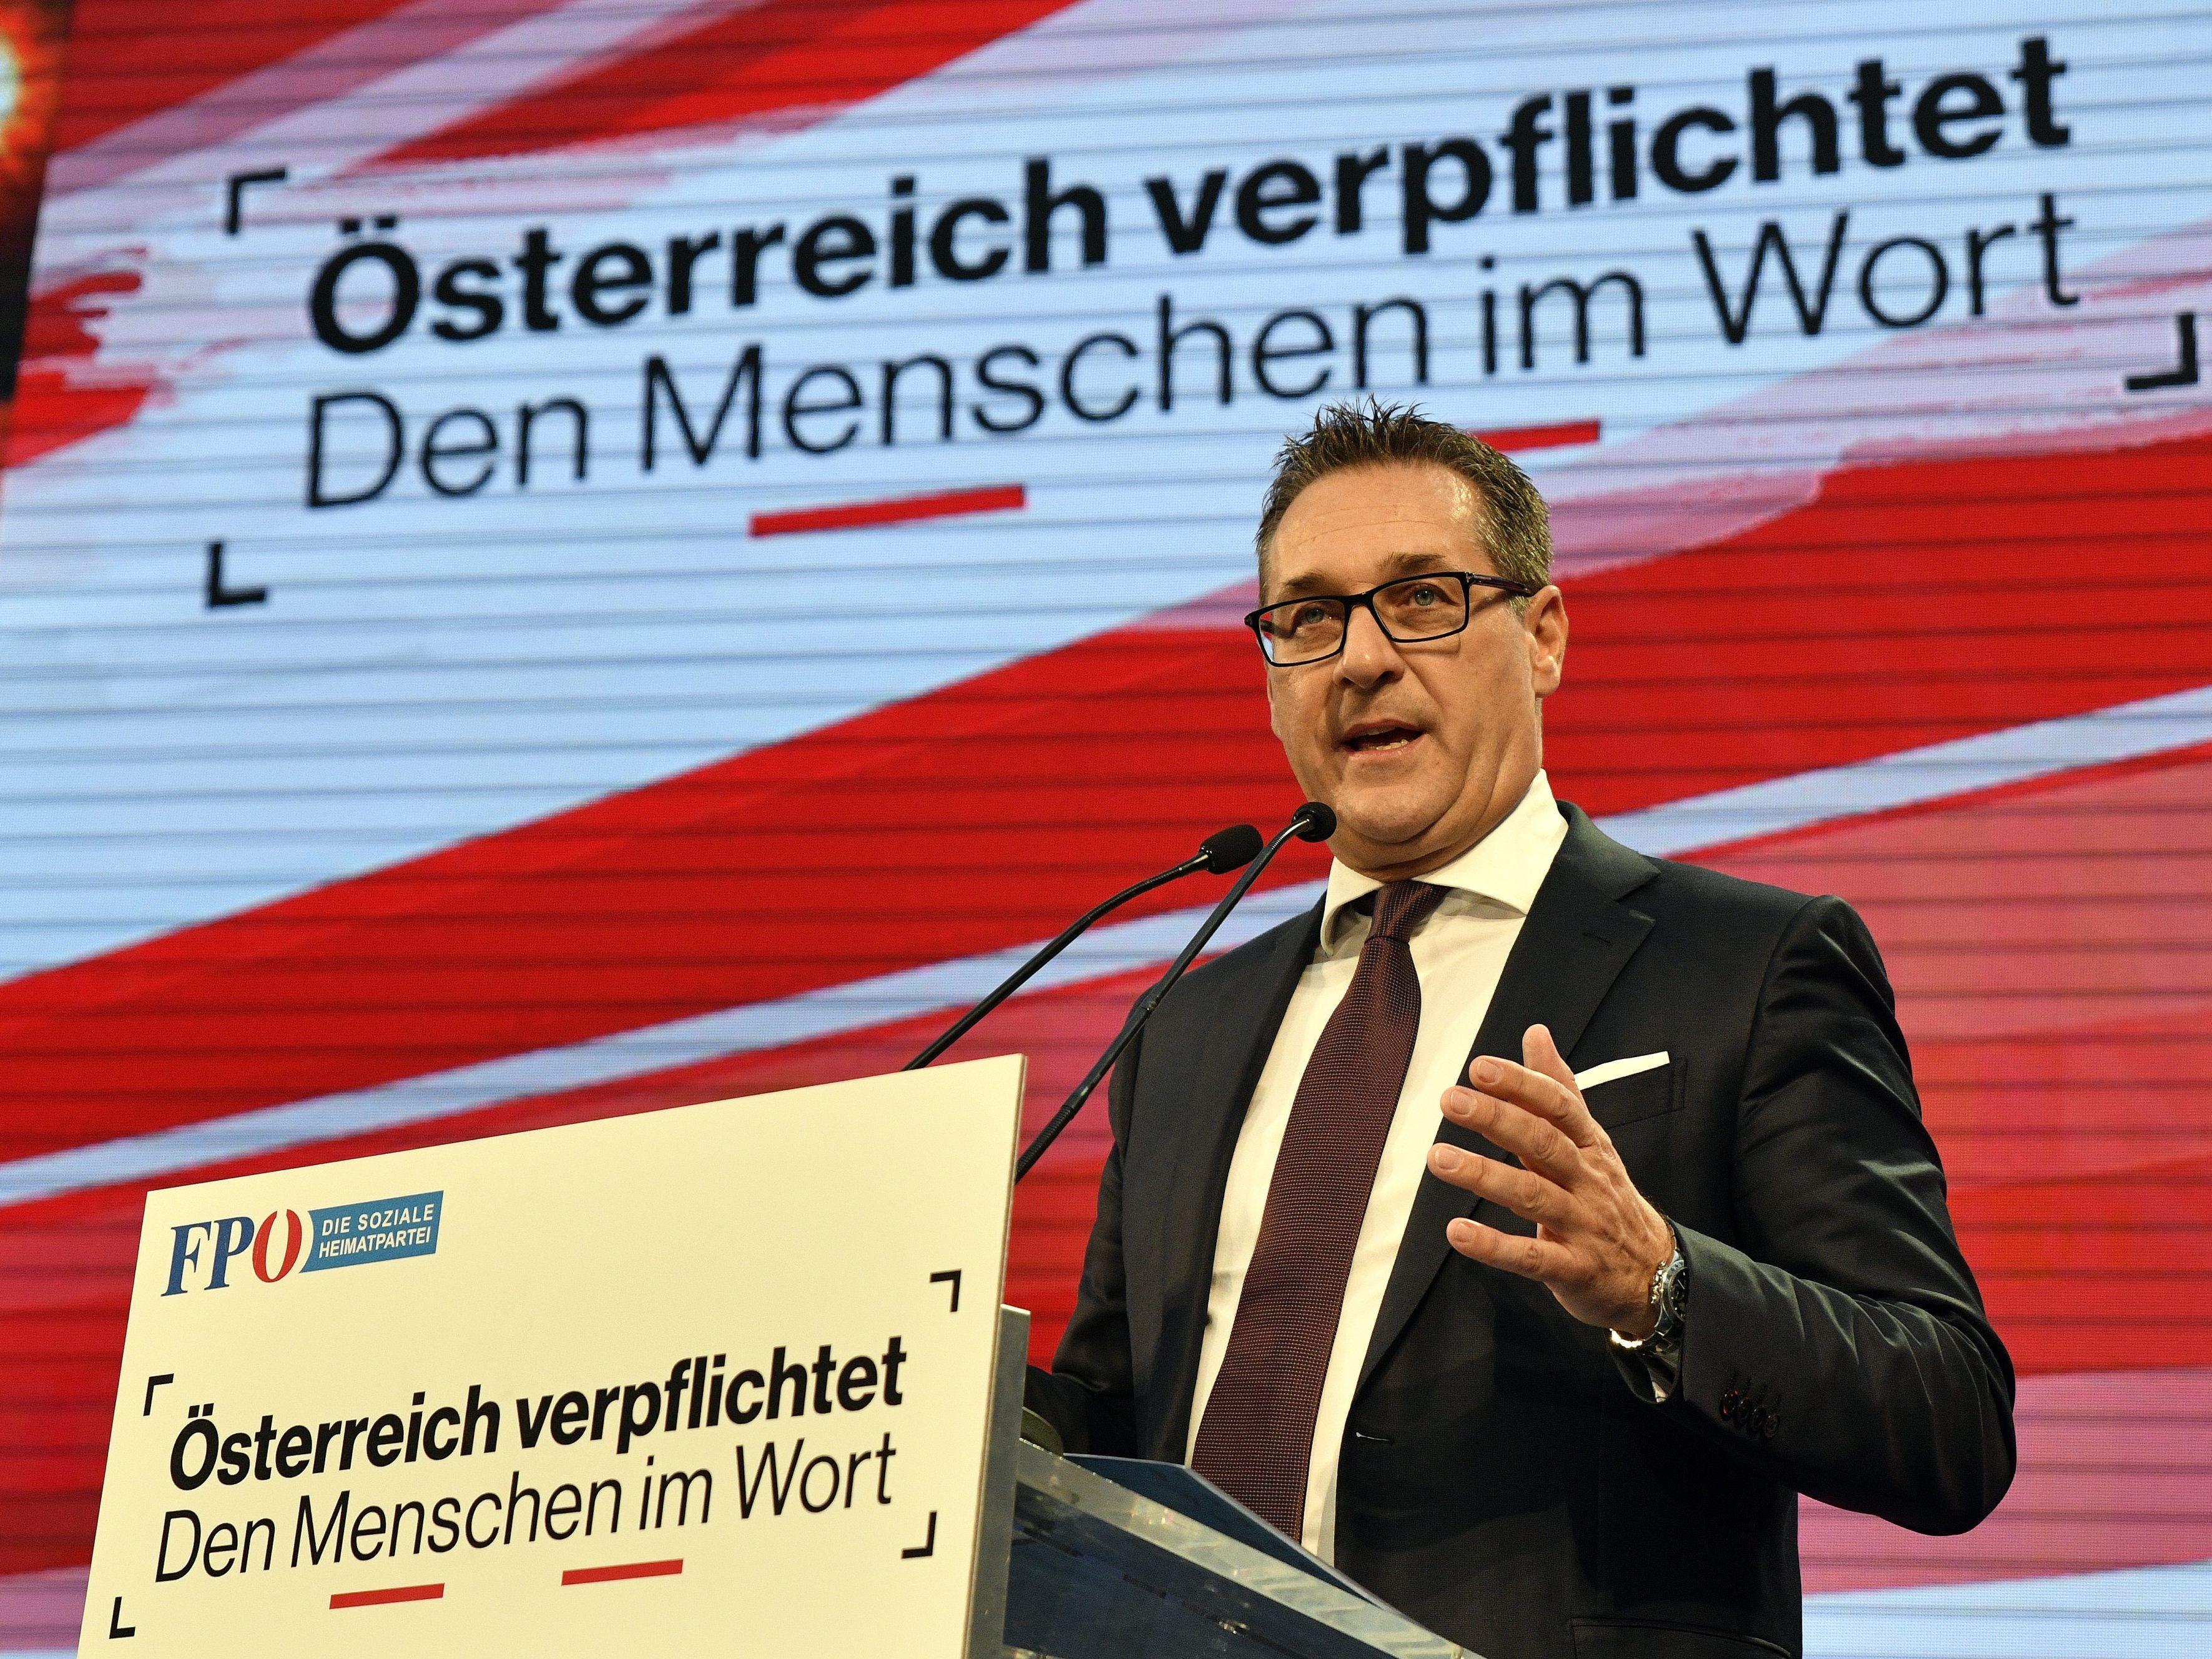 2. Treffen der SHG Kopfweh Wien | wetterbedingt verschoben